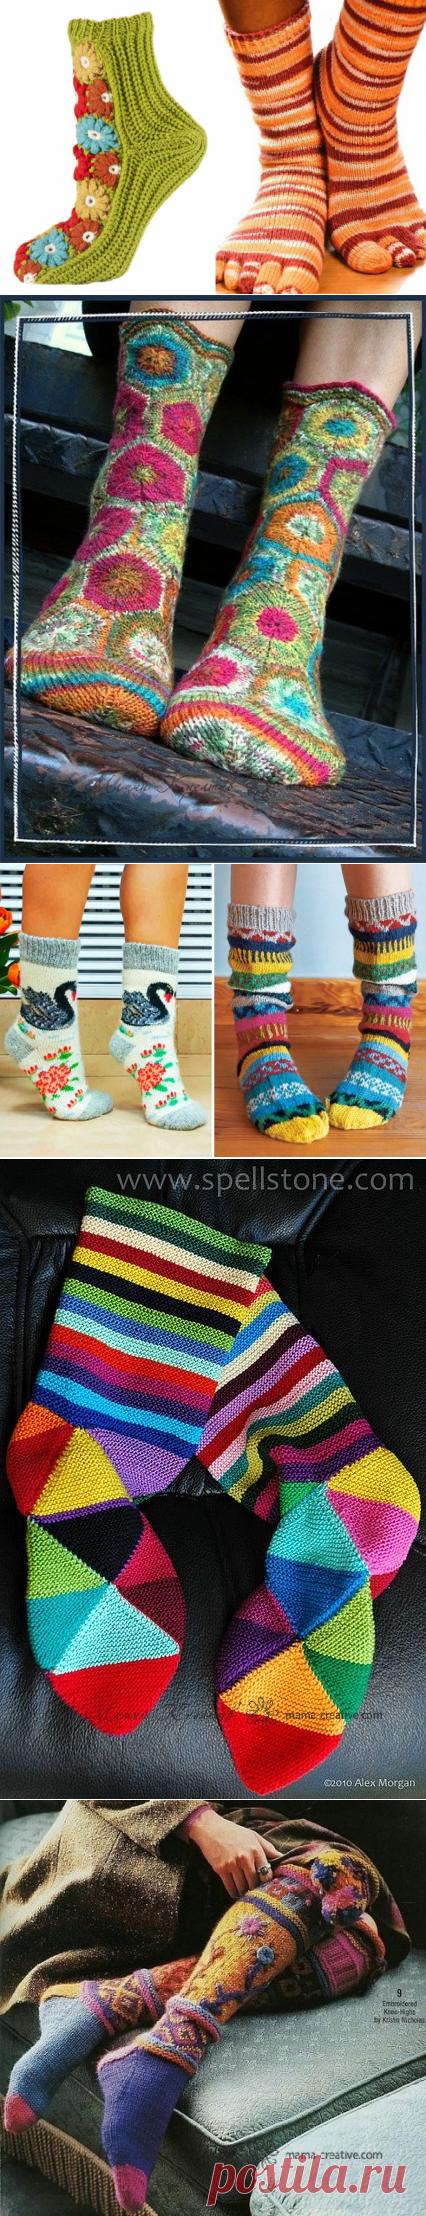 Вязаные носки – самые красивые и теплые модели. Собственоручно cвязанные носки – лучший способ порадовать близких Украсить детские носочки своими руками